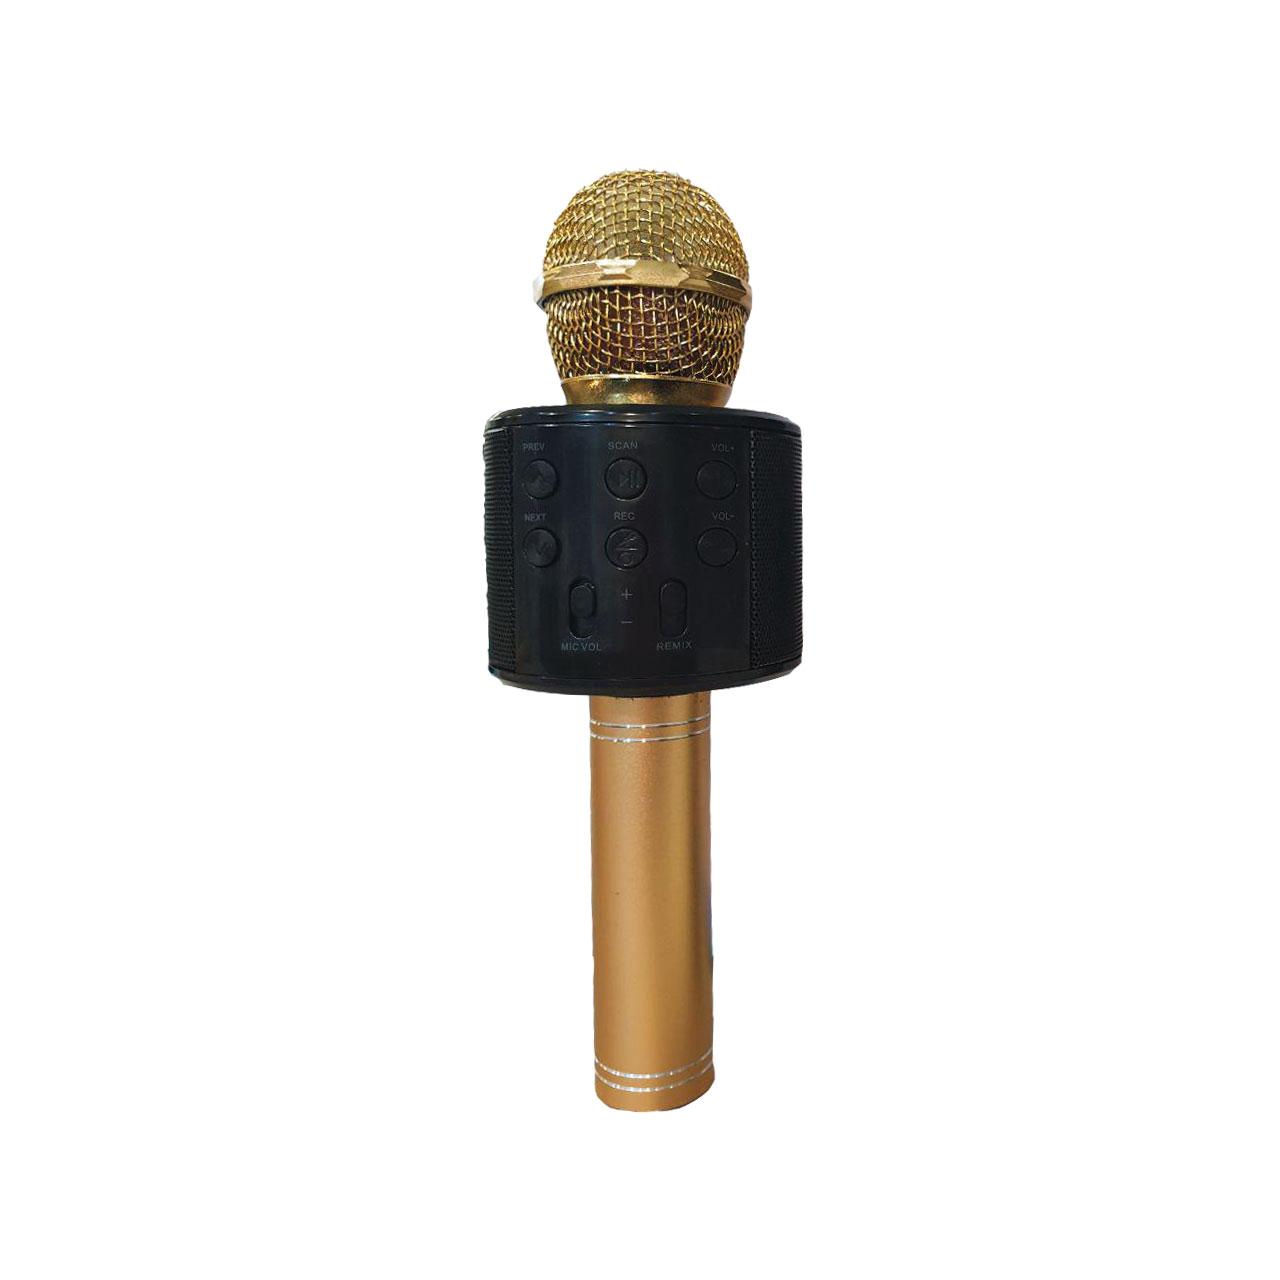 میکروفن اسپیکر کد 858-1